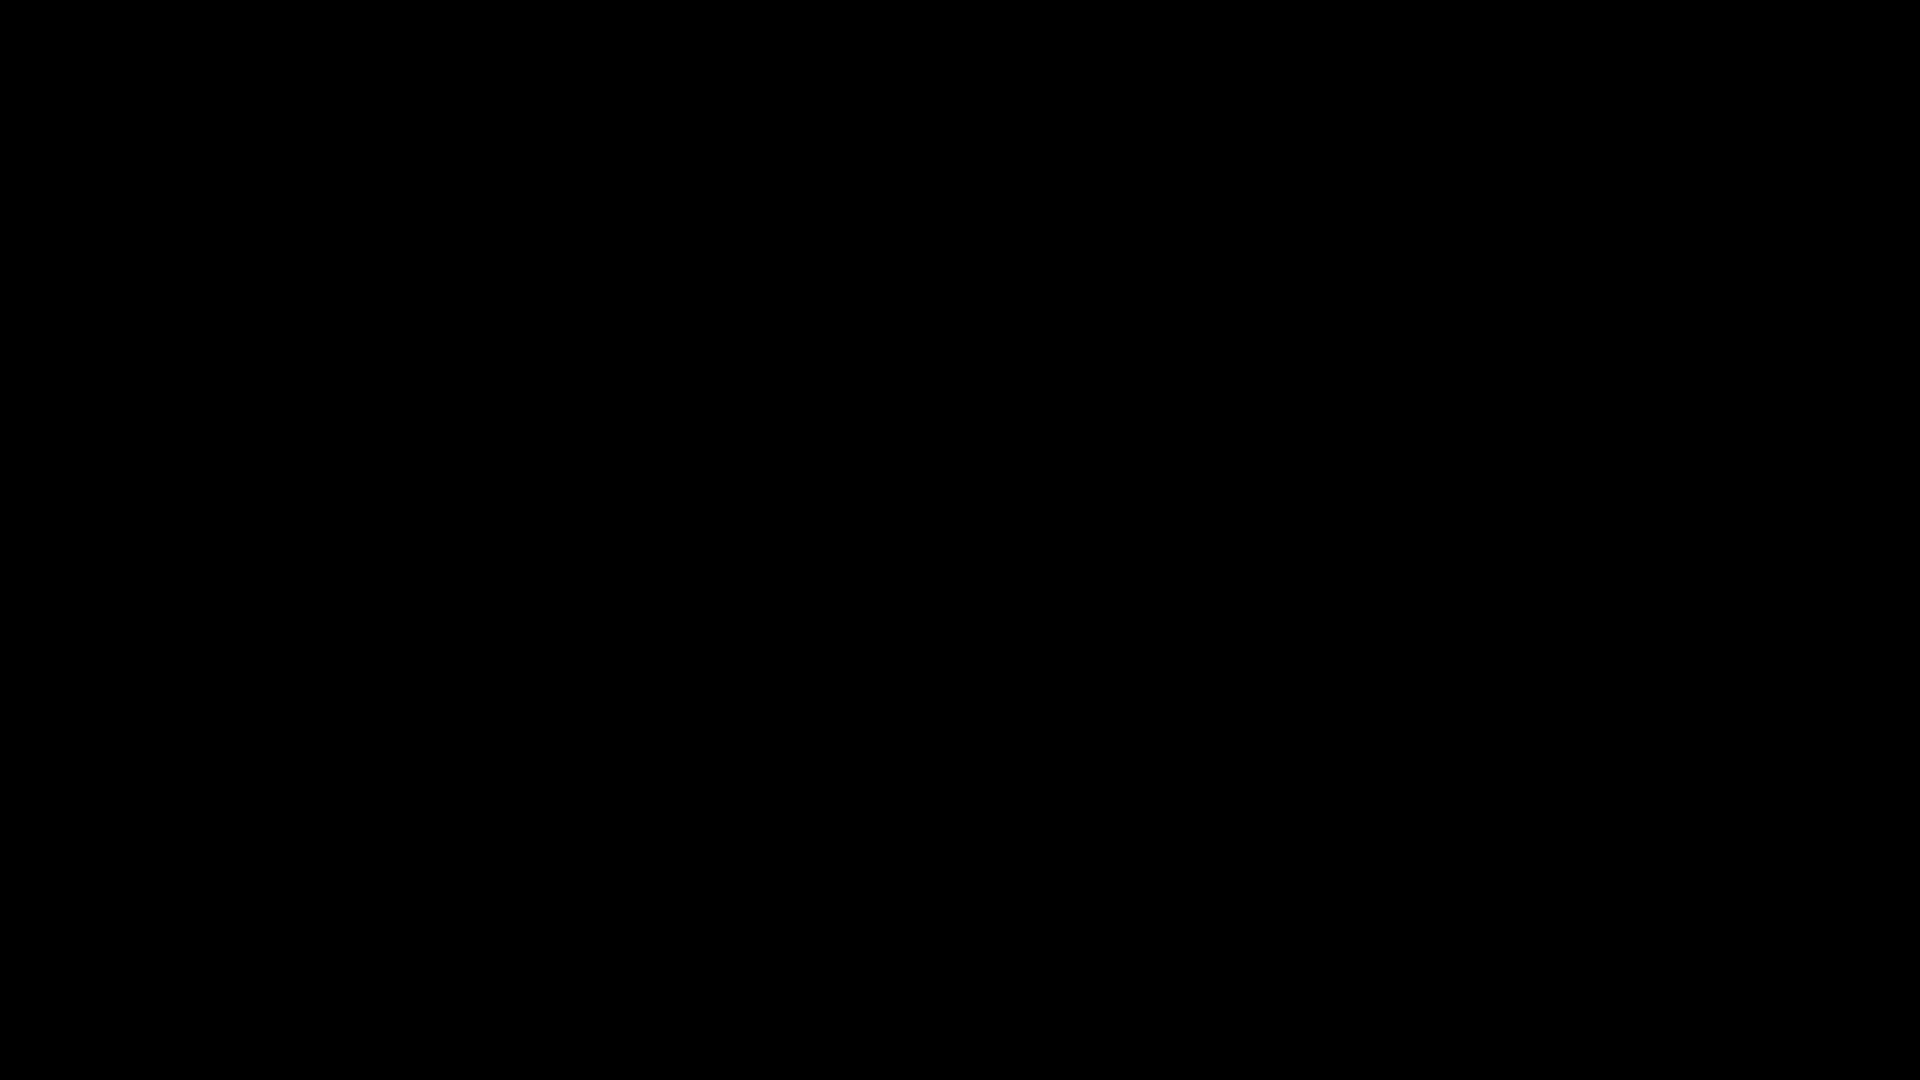 ぎゃんかわ男子のはれんちオナニー vol.09 オナニー アダルトビデオ画像キャプチャ 49pic 12